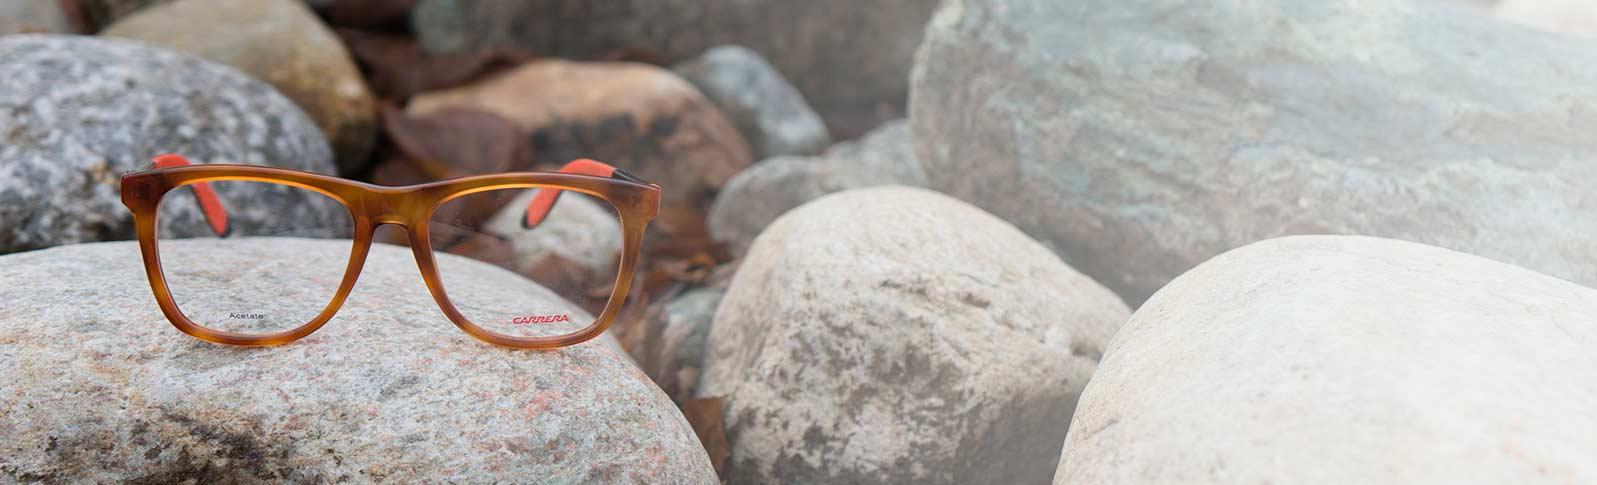 Carrera briller på en seng av grus og stein